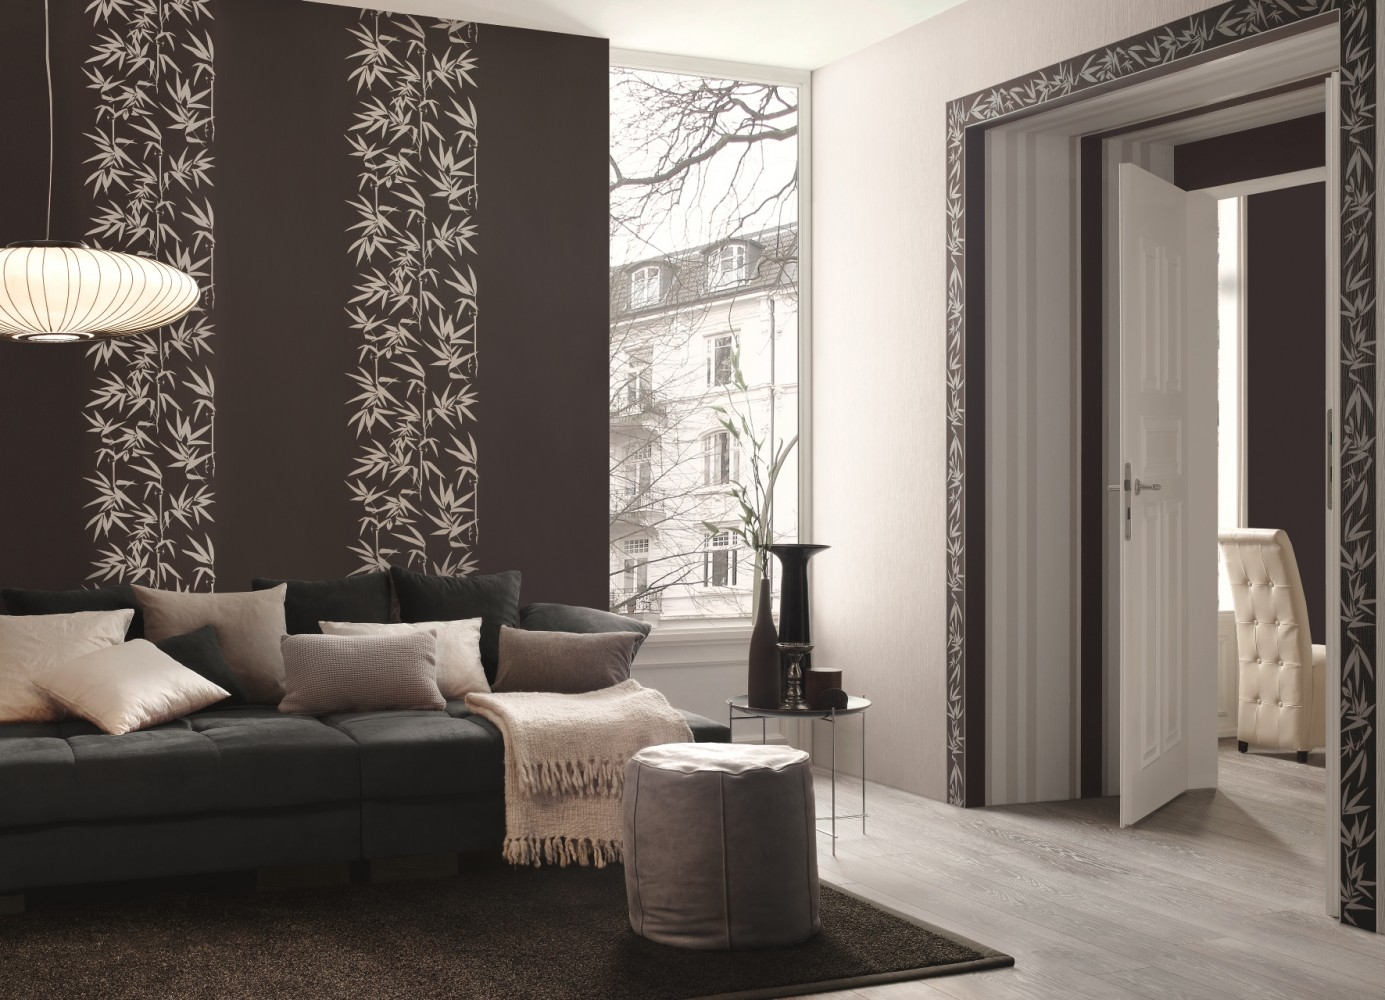 Vliestapete jette joop natur grau wei 2936 40 - Design tapeten wohnzimmer ...